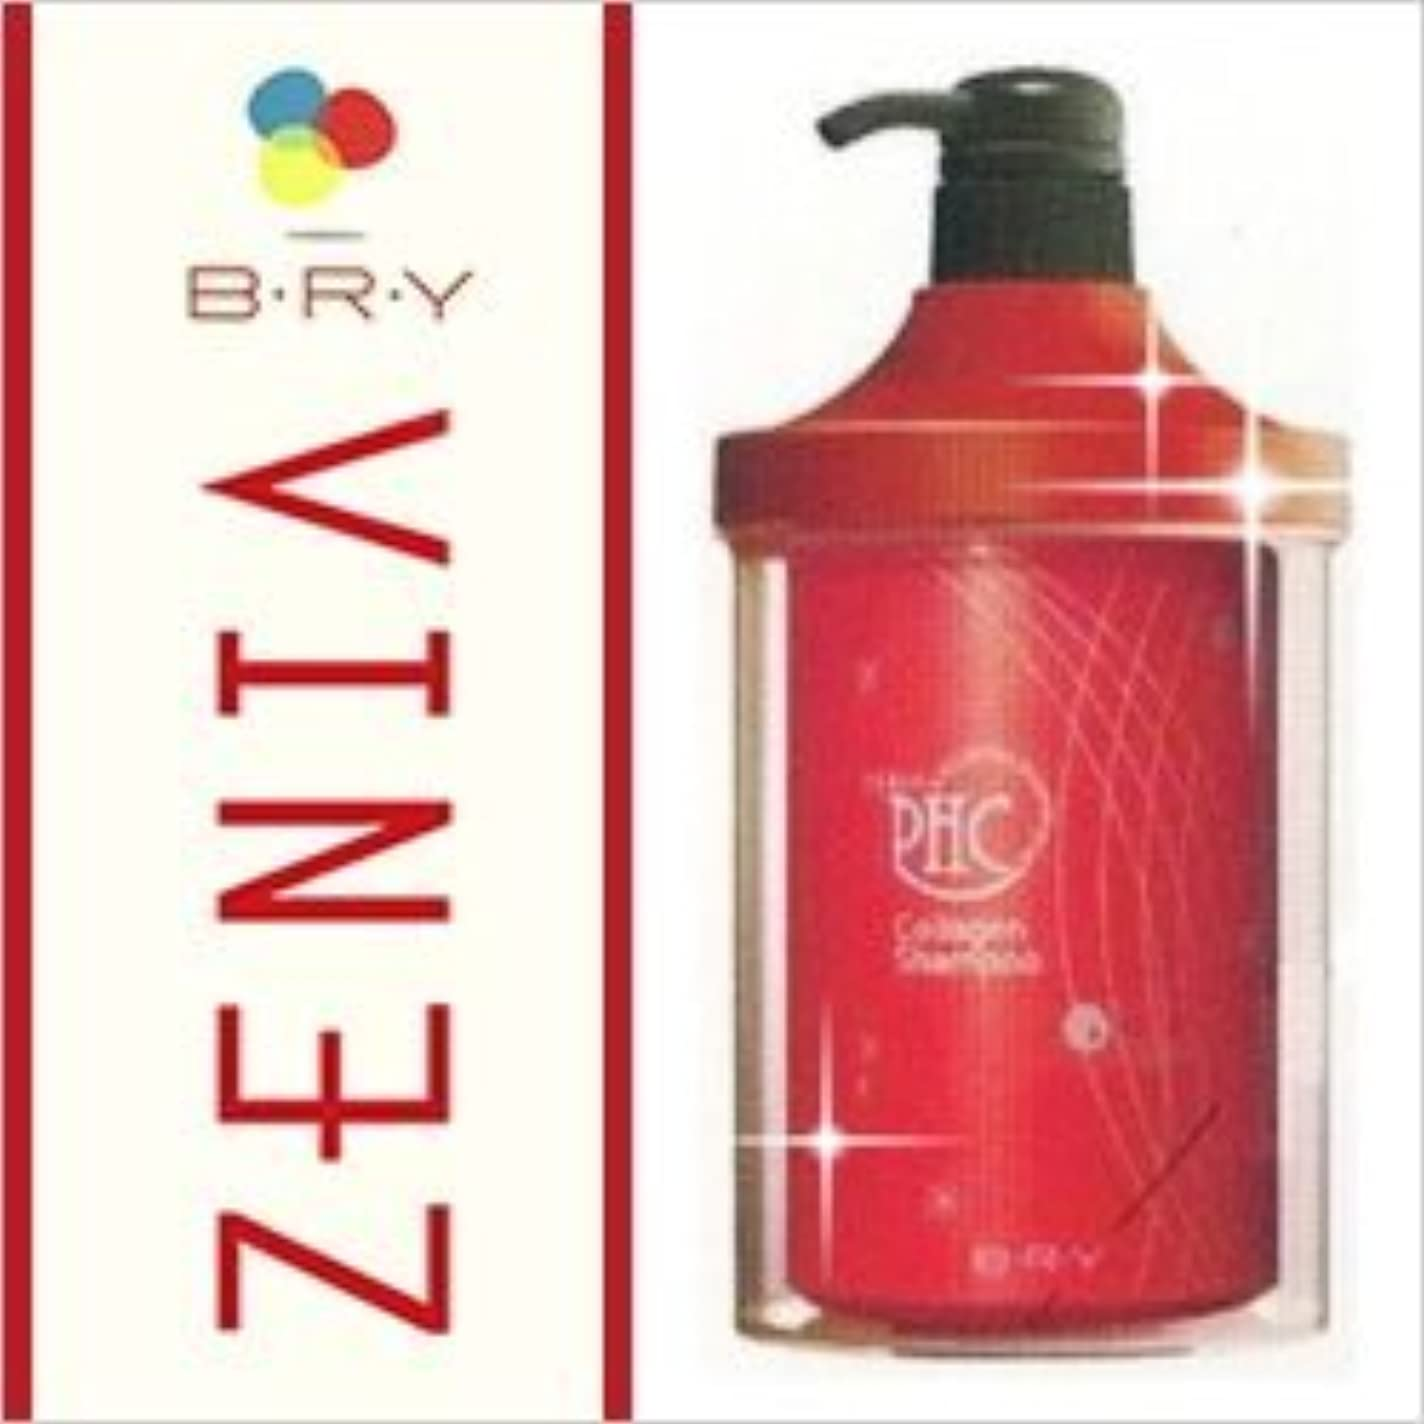 ★ZENIA ゼニア PHC コラーゲン シャンプー 800ml (ポンプ) [cosme]